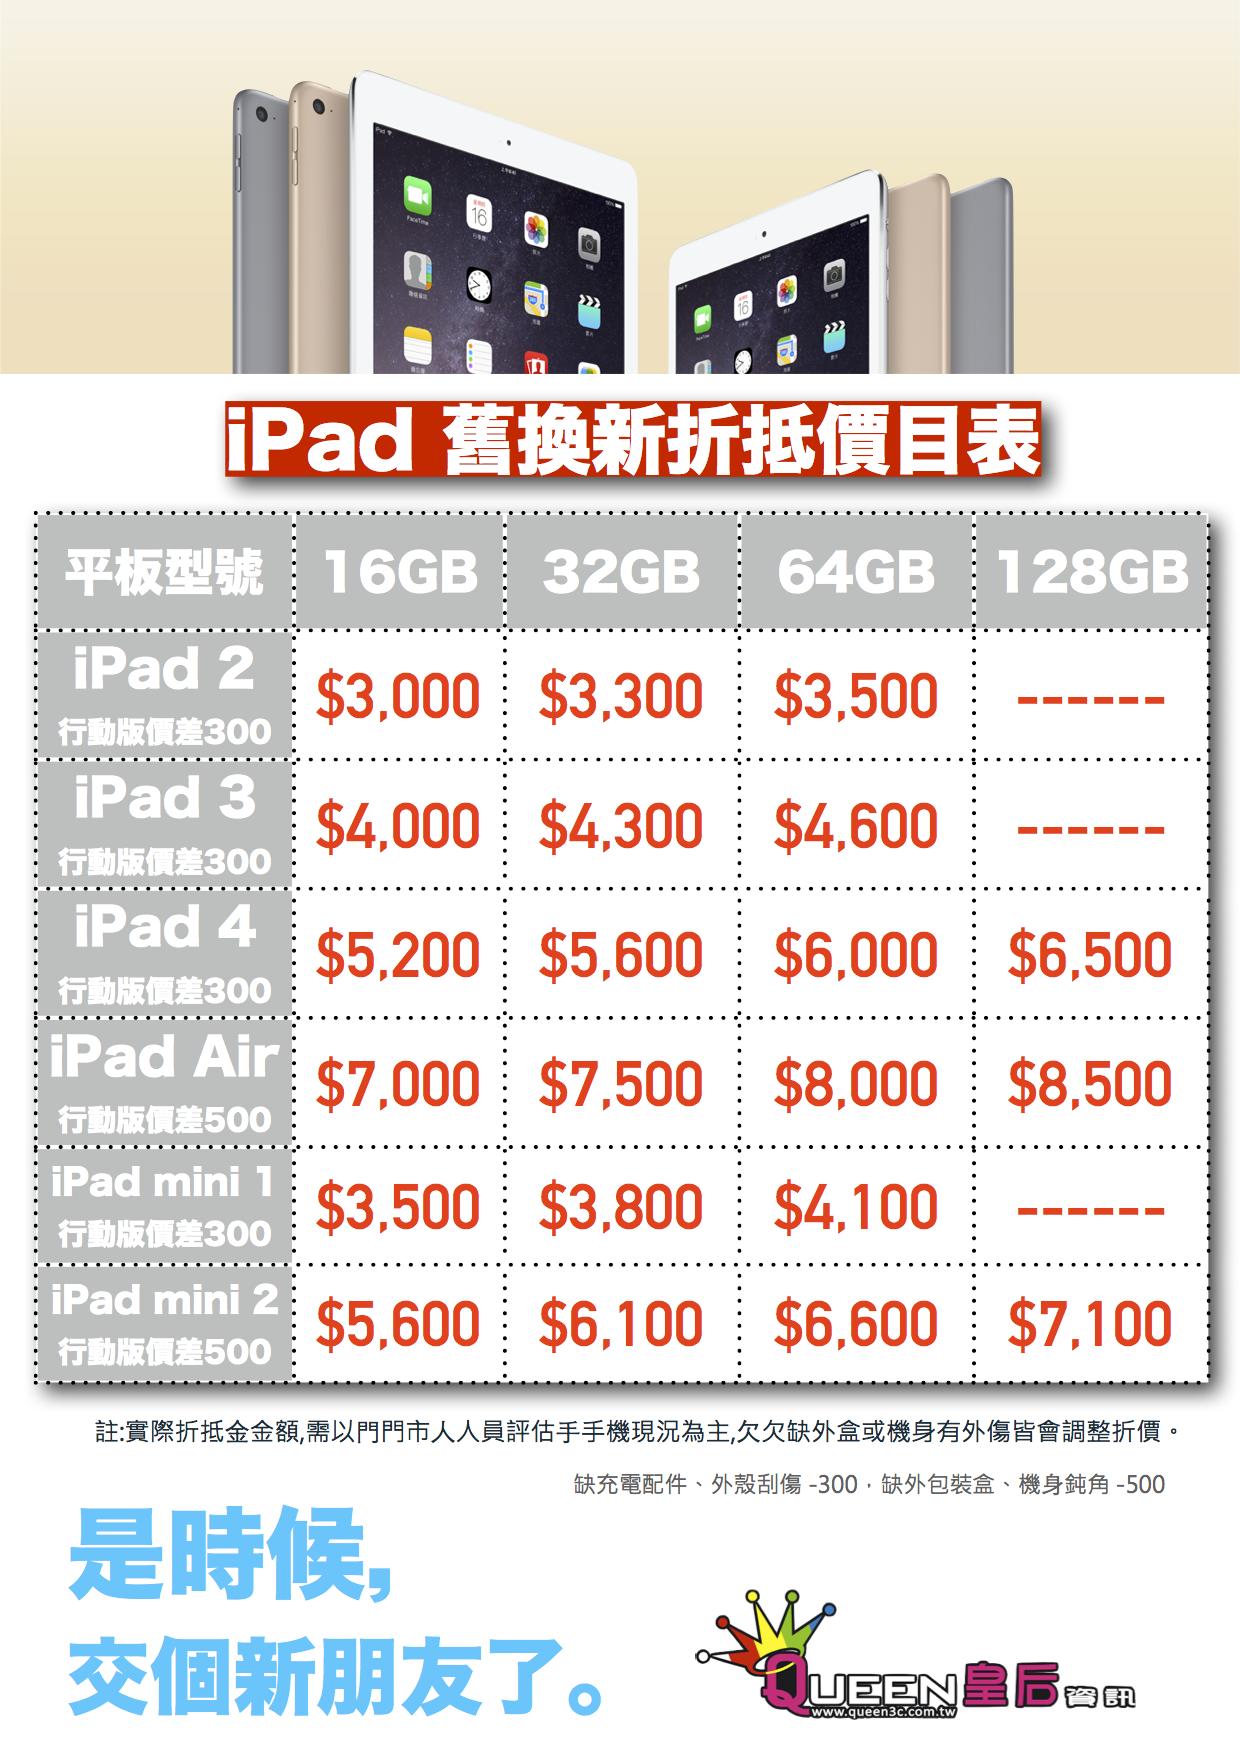 iPad Air 舊換新方案折抵